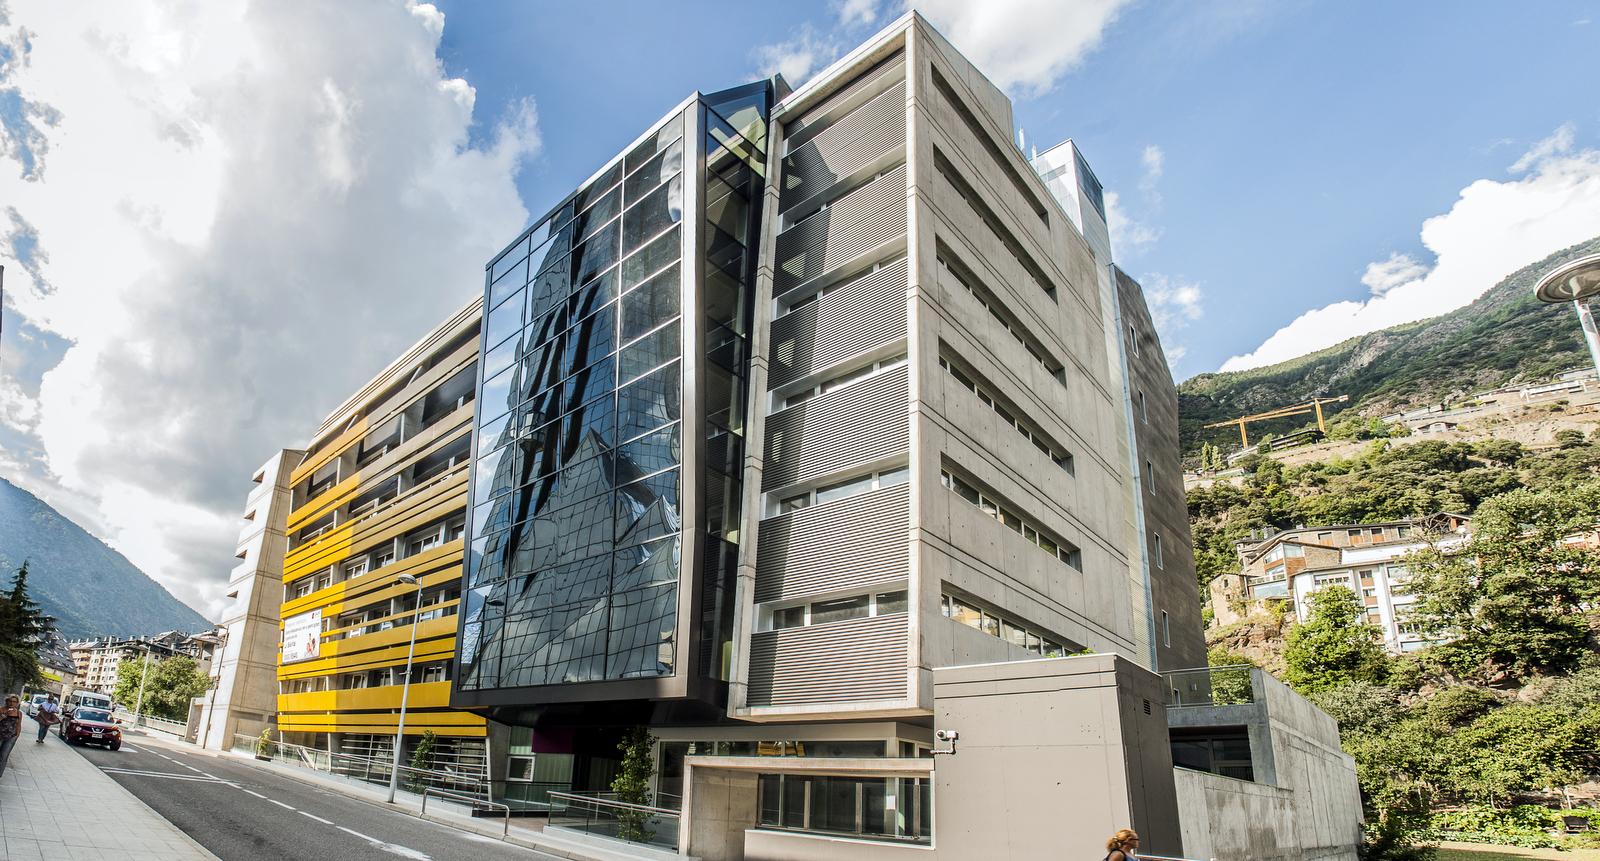 Nova Constructora és el proveïdor de personal subcontractat per a les empreses Constructores de més prestigi i reconeixement del Principat d'Andorra. En els darrers anys, les grans empreses del sector de la construcció d'ANDORRA li han dipositat la seva confiança. Nova Constructora Andorra proporciona personal altament qualificat i especialitzat amb un alt nivell de formació en cadascuna de les especialitats del ram de la construcció. I són posseïdors de totes les titulacions atorgades o requerides pel Govern d'Andorra. Nova Constructora disposa de personal específic per a treballs de paleta, encofrador, ferrer, pedrer, gruistes, plaquista, caps d'equip... Nova Constructora pot satisfer les necessitats professionals de qualsevol iniciativa constructiva per complexa que sigui. La direcció de Nova Constructora Andorra està compromesa amb un alt nivell d'exigència per a lliurar els millors acabats de manera impecable. L'objectiu de l'empresa és evolucionar contínuament de manera que el contractista continuï dipositant la seva confiança amb la garantia que els treballs seran executats de manera acurada.